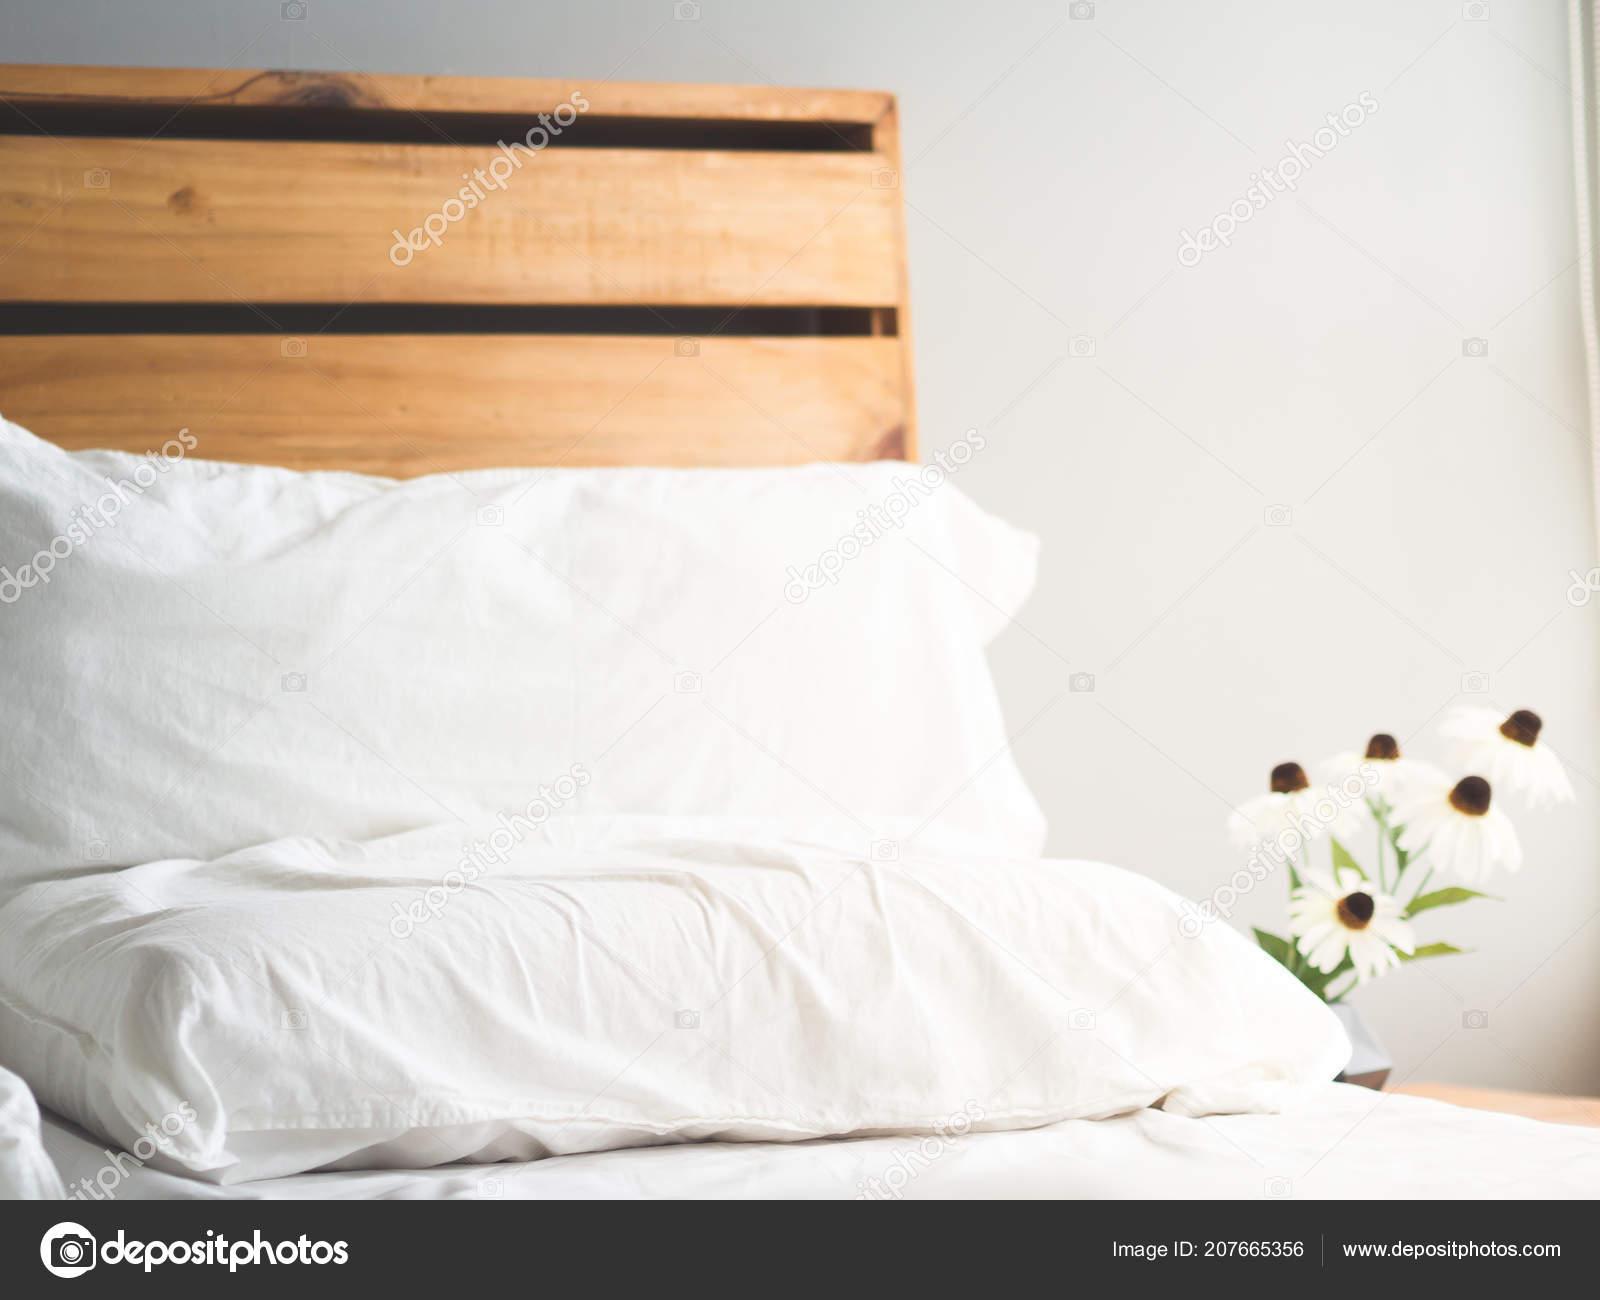 Testata Letto In Legno : Gallery of letto matrimoniale testata in legno testata letto in